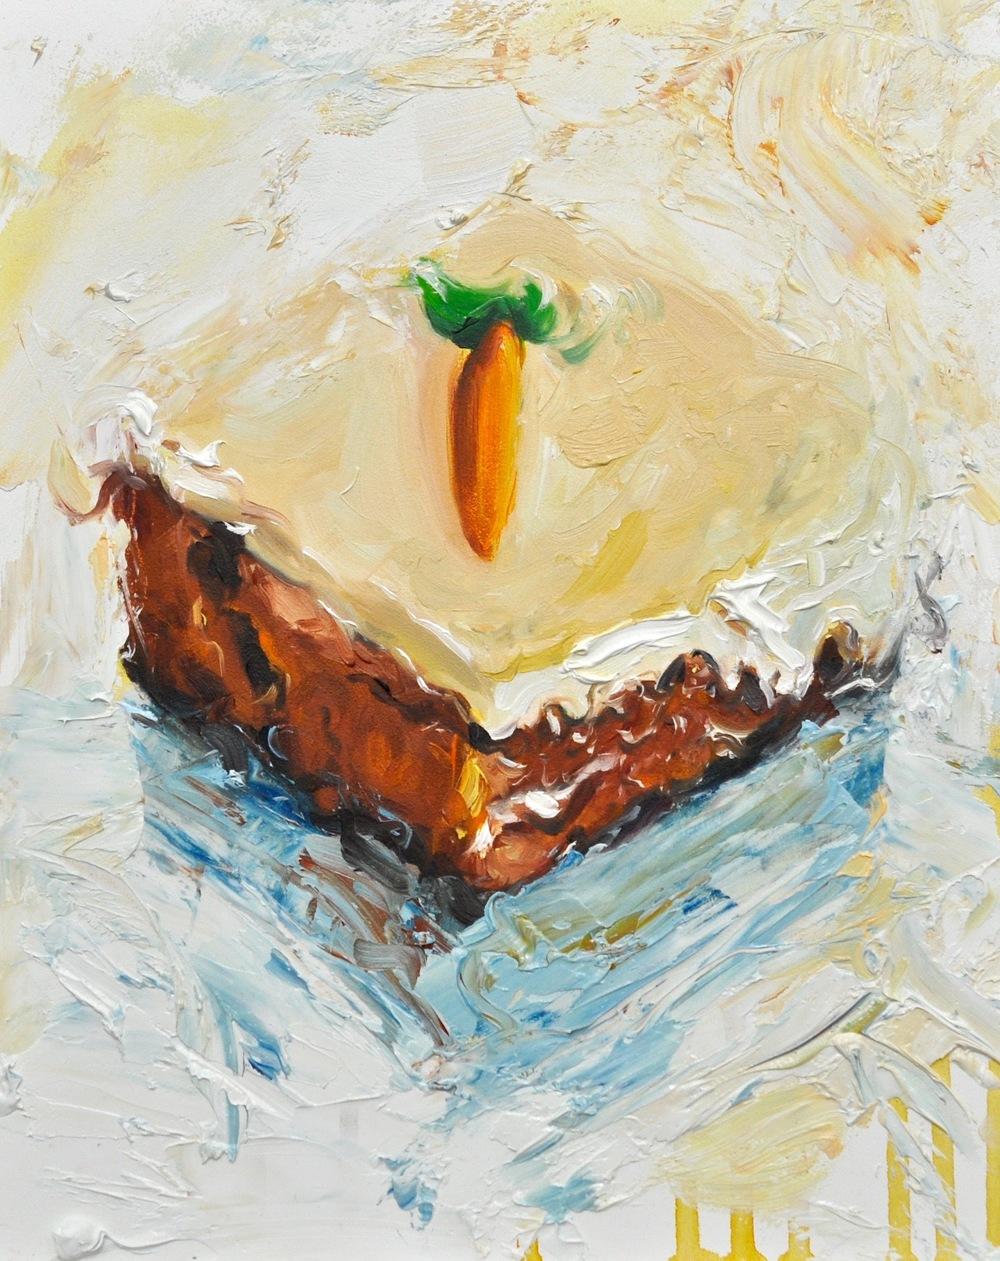 Carrot.